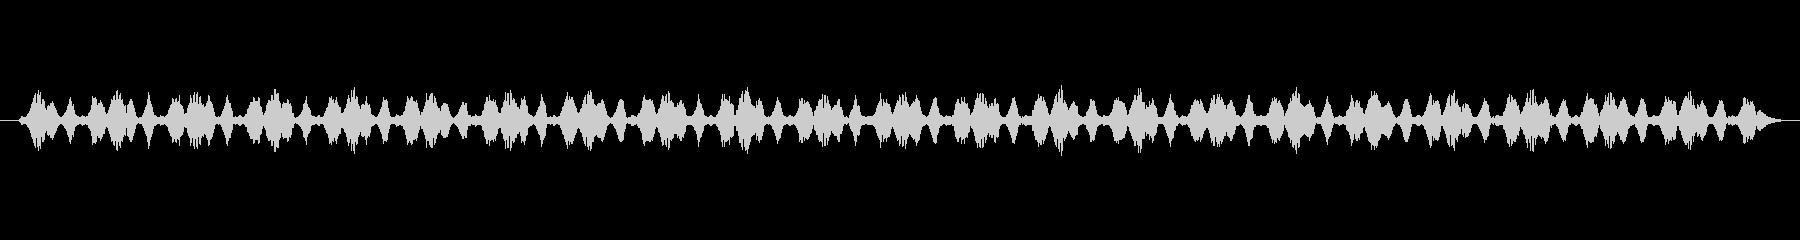 ノイズ クレイジーベイビーバーズ02の未再生の波形